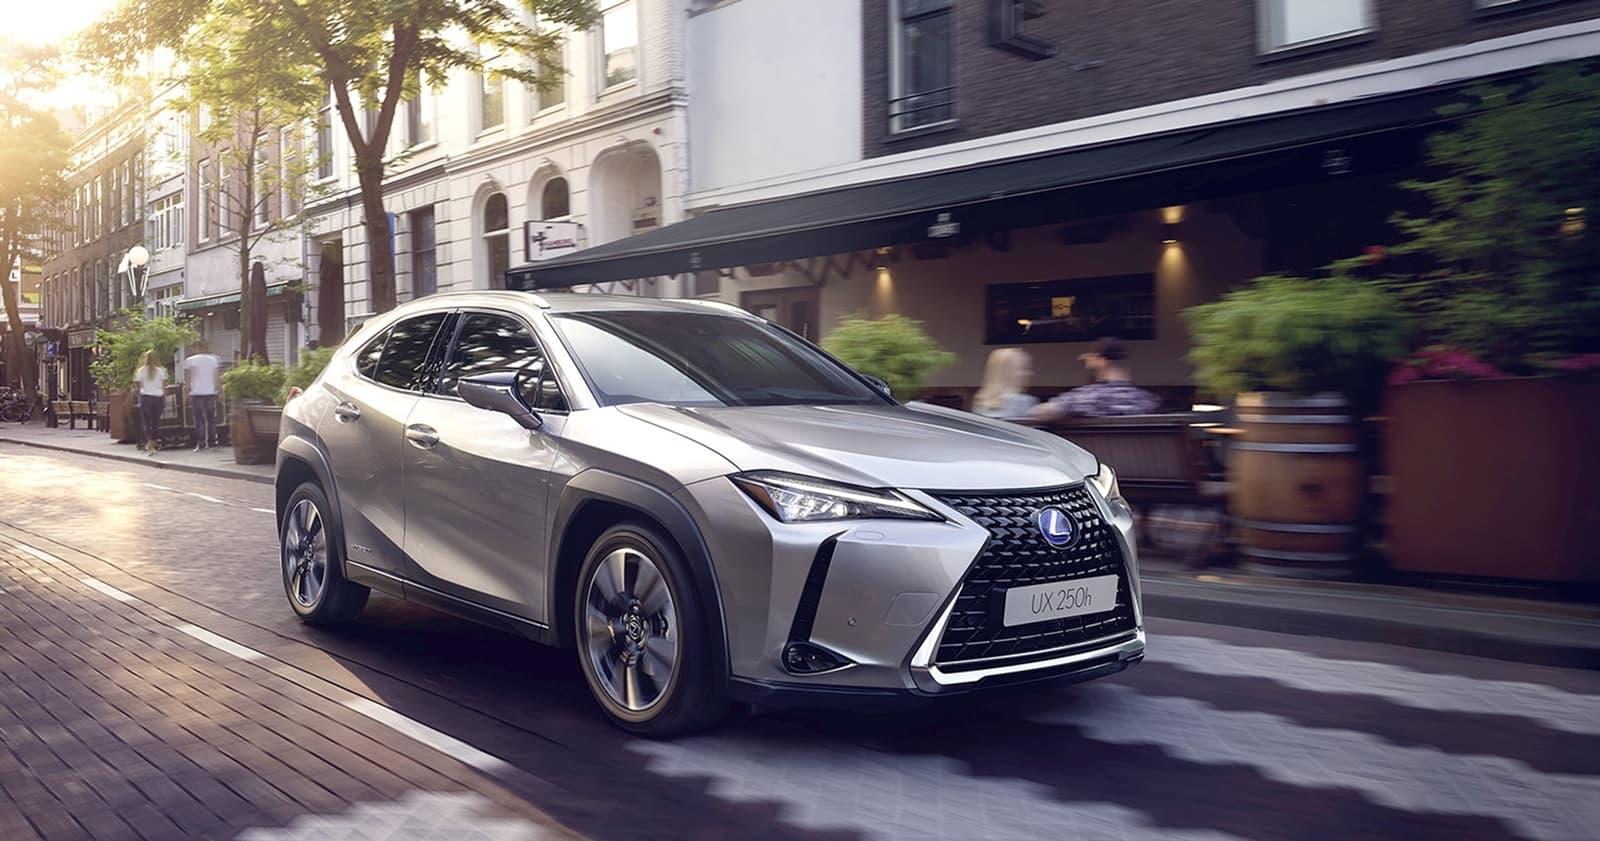 El Lexus UX Hbrido Y Bien Equipado Est En Promocin